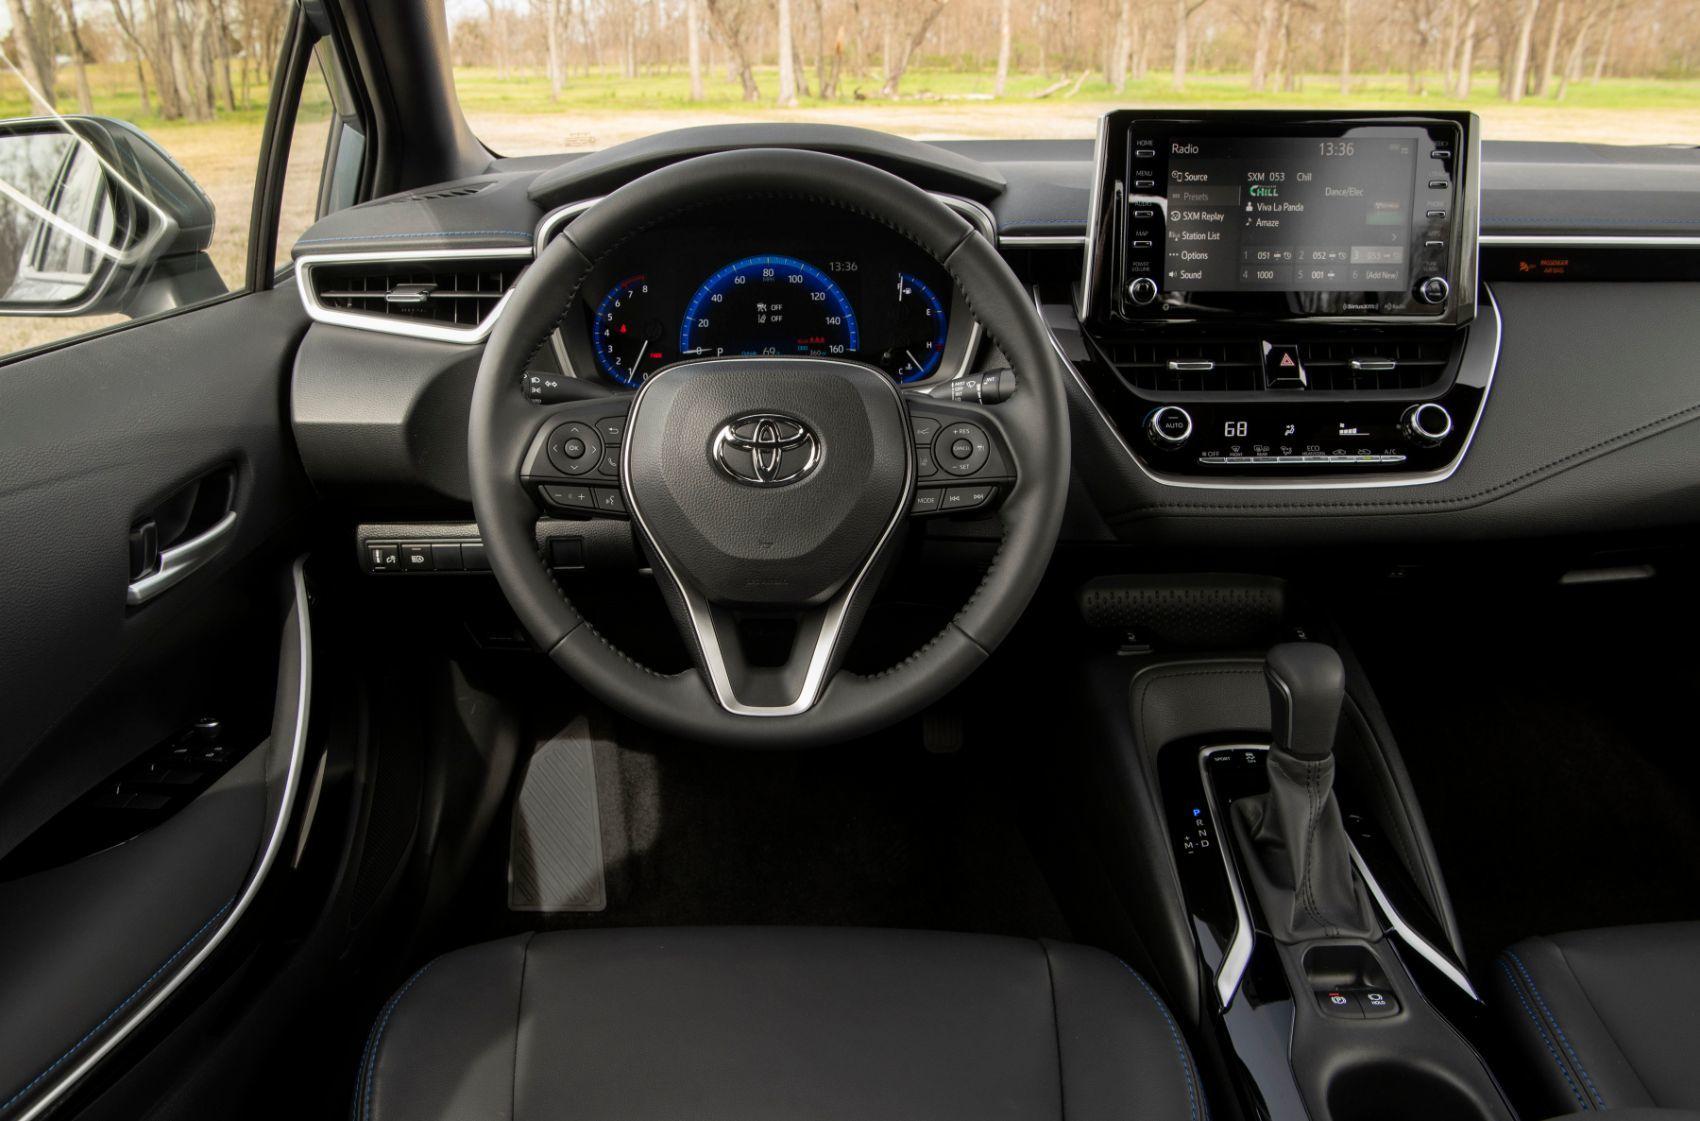 2020 Corolla XSE Celestite 053 BFCA3E61892CFEC30FAF33DA8564E8B5C4A361D4